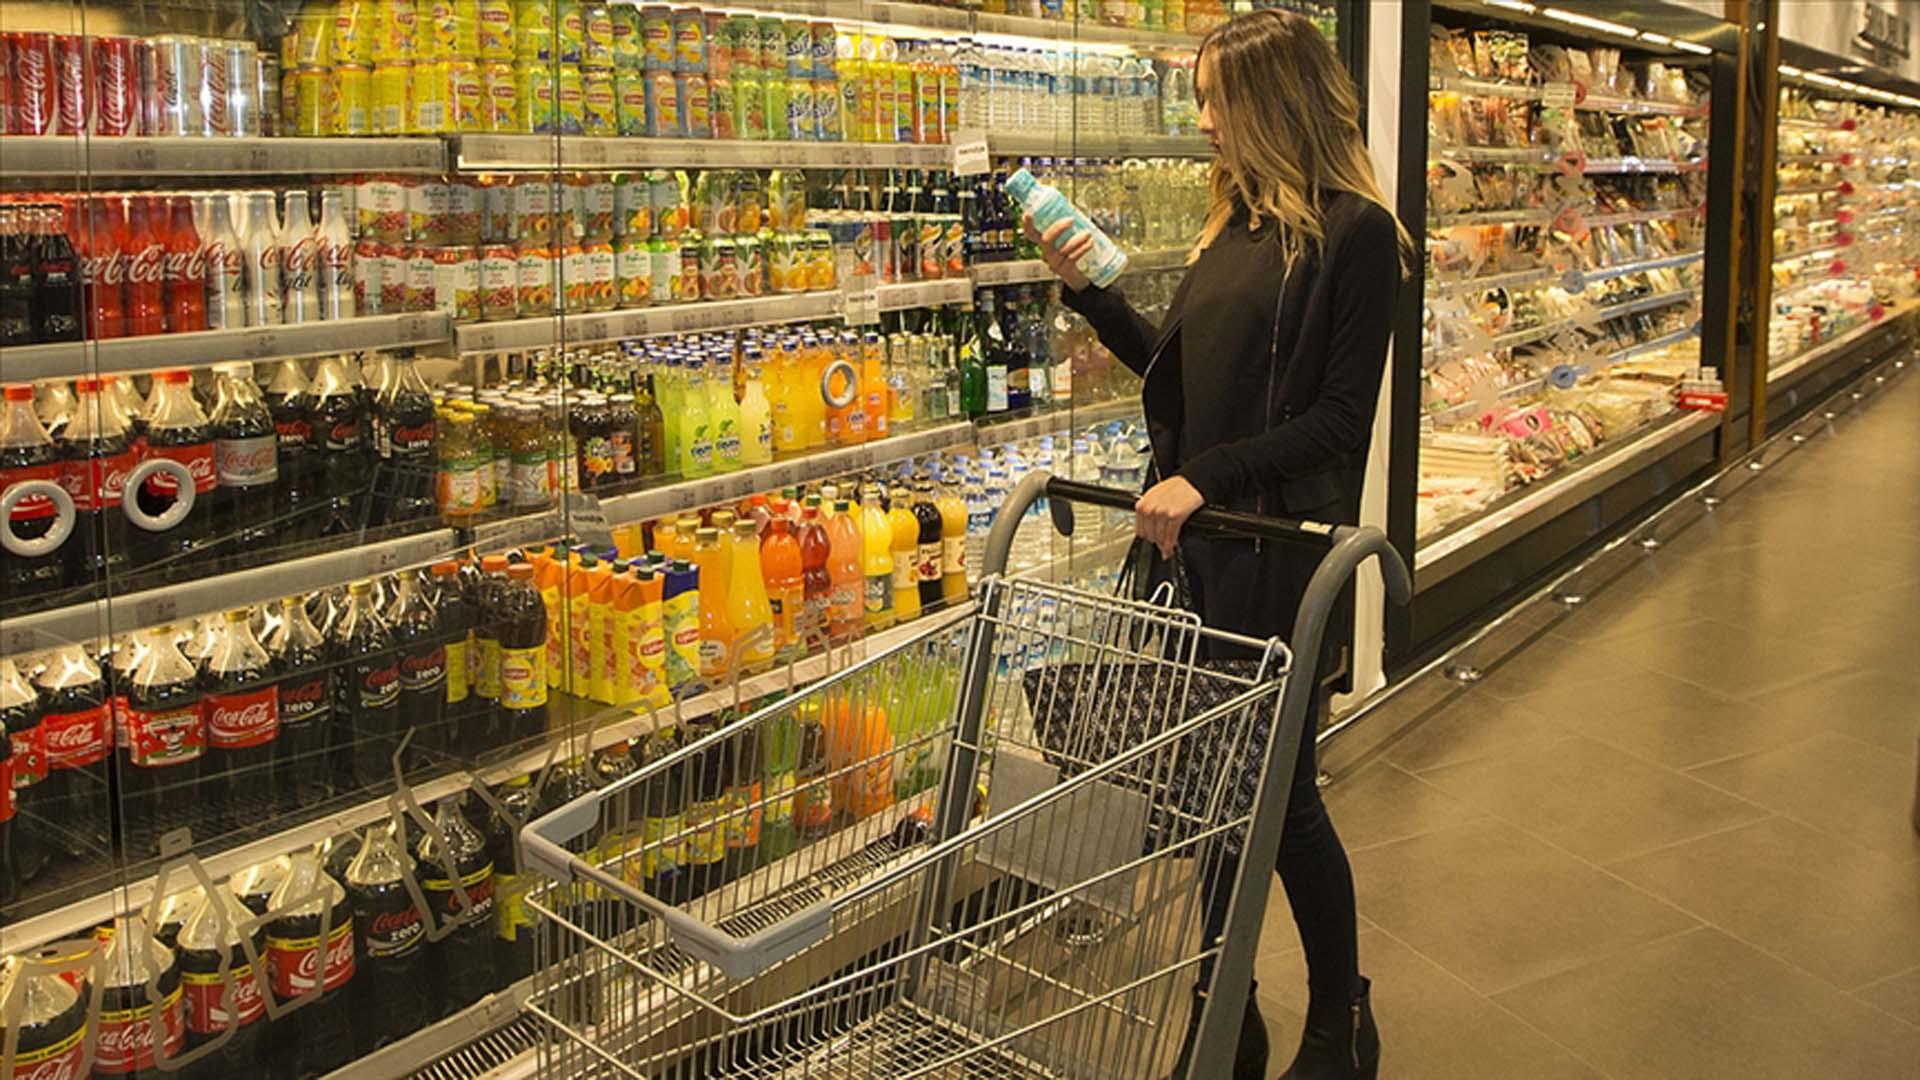 Vatandaşın dert yandığı fahiş gıda fiyatları için AK Parti kurmayları harekete geçti! Hal yasası geliyor! İşte vatandaşı rahatlatacak adımlar